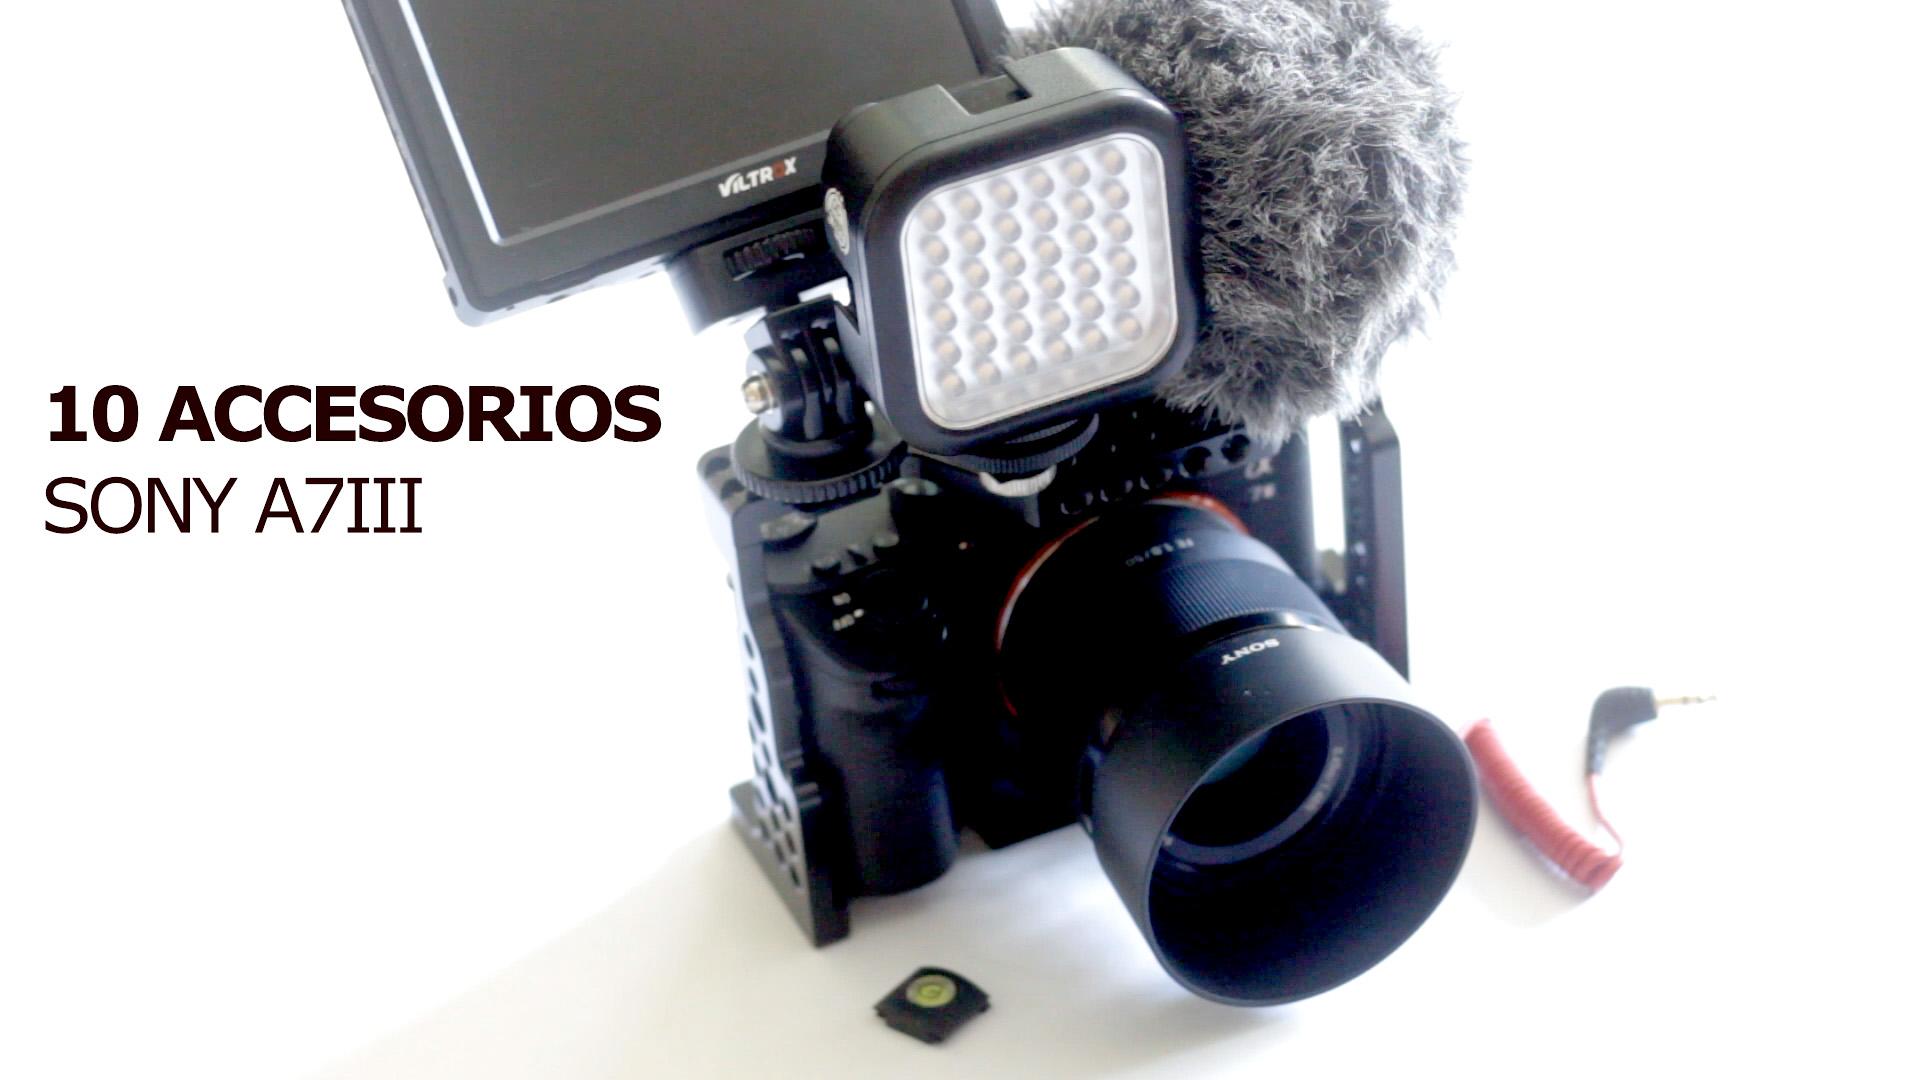 Diez accesorios útiles Sony A7III